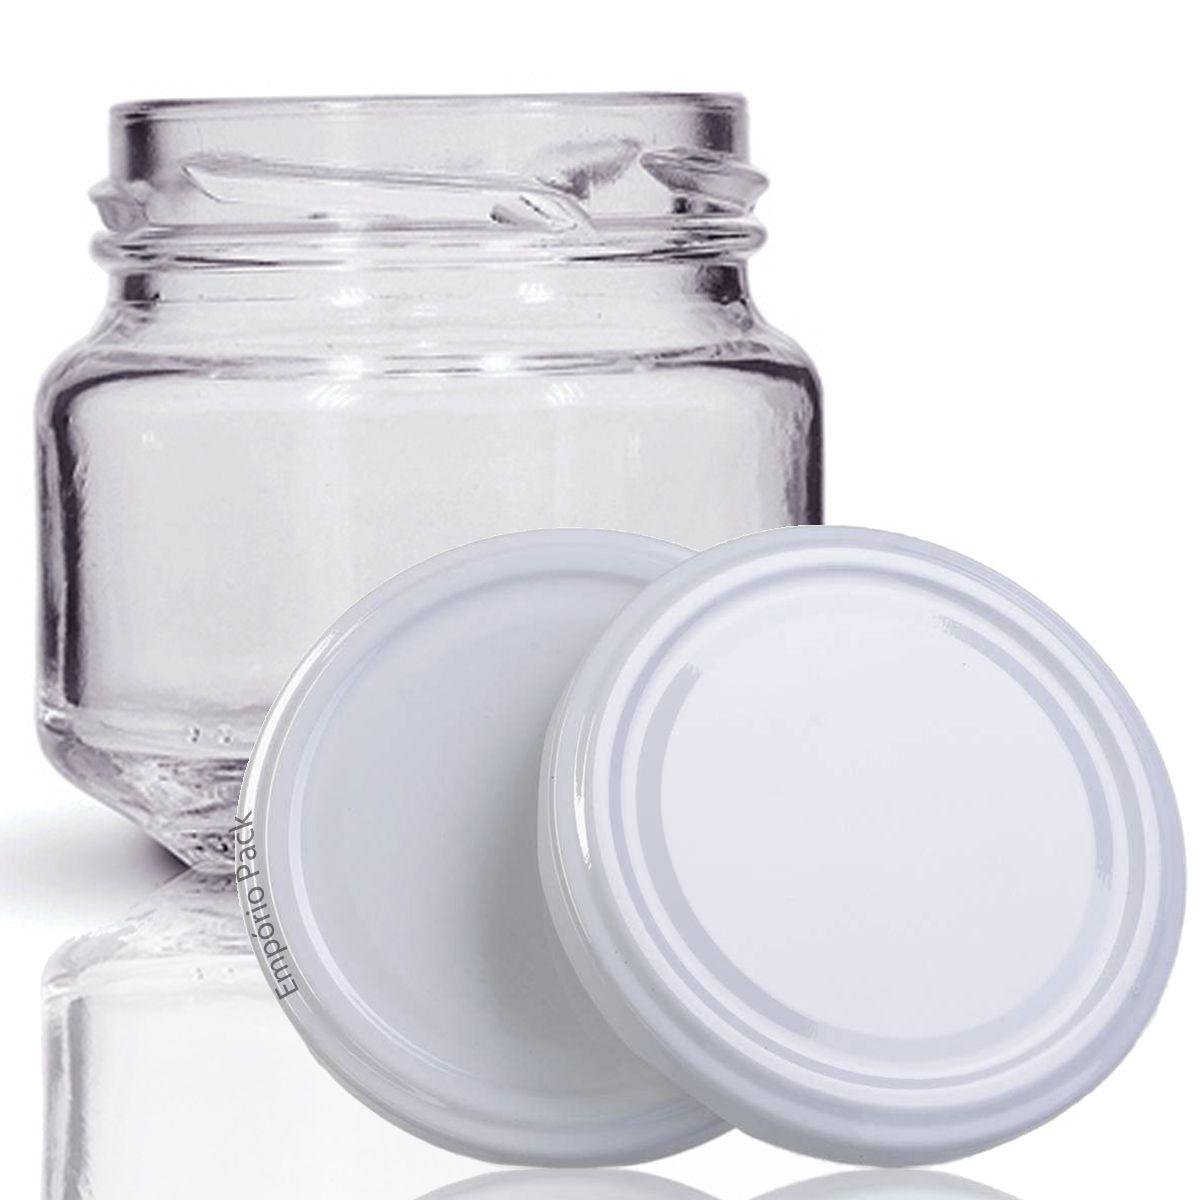 96 Potes de vidro Pate 120 ML, Com Tampa Branca  - EMPÓRIO PACK